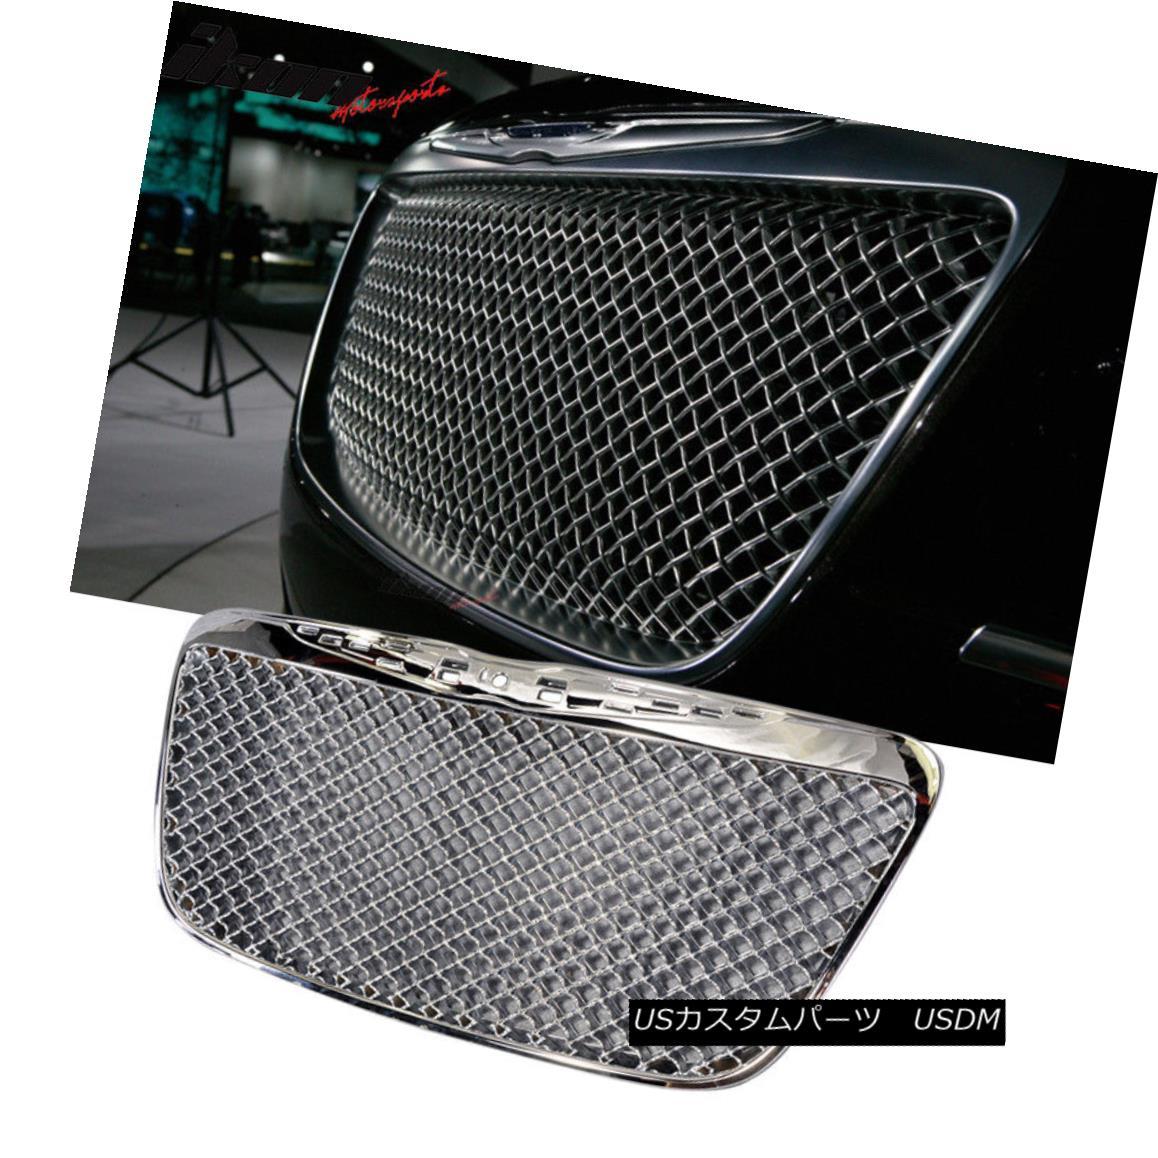 グリル Fits 11-14 Chrysler 300 300C B-Style Front Mesh Grill Grille Chrome - ABS フィット11-14クライスラー300 300C Bスタイルのフロントメッシュグリルグリルクローム - ABS